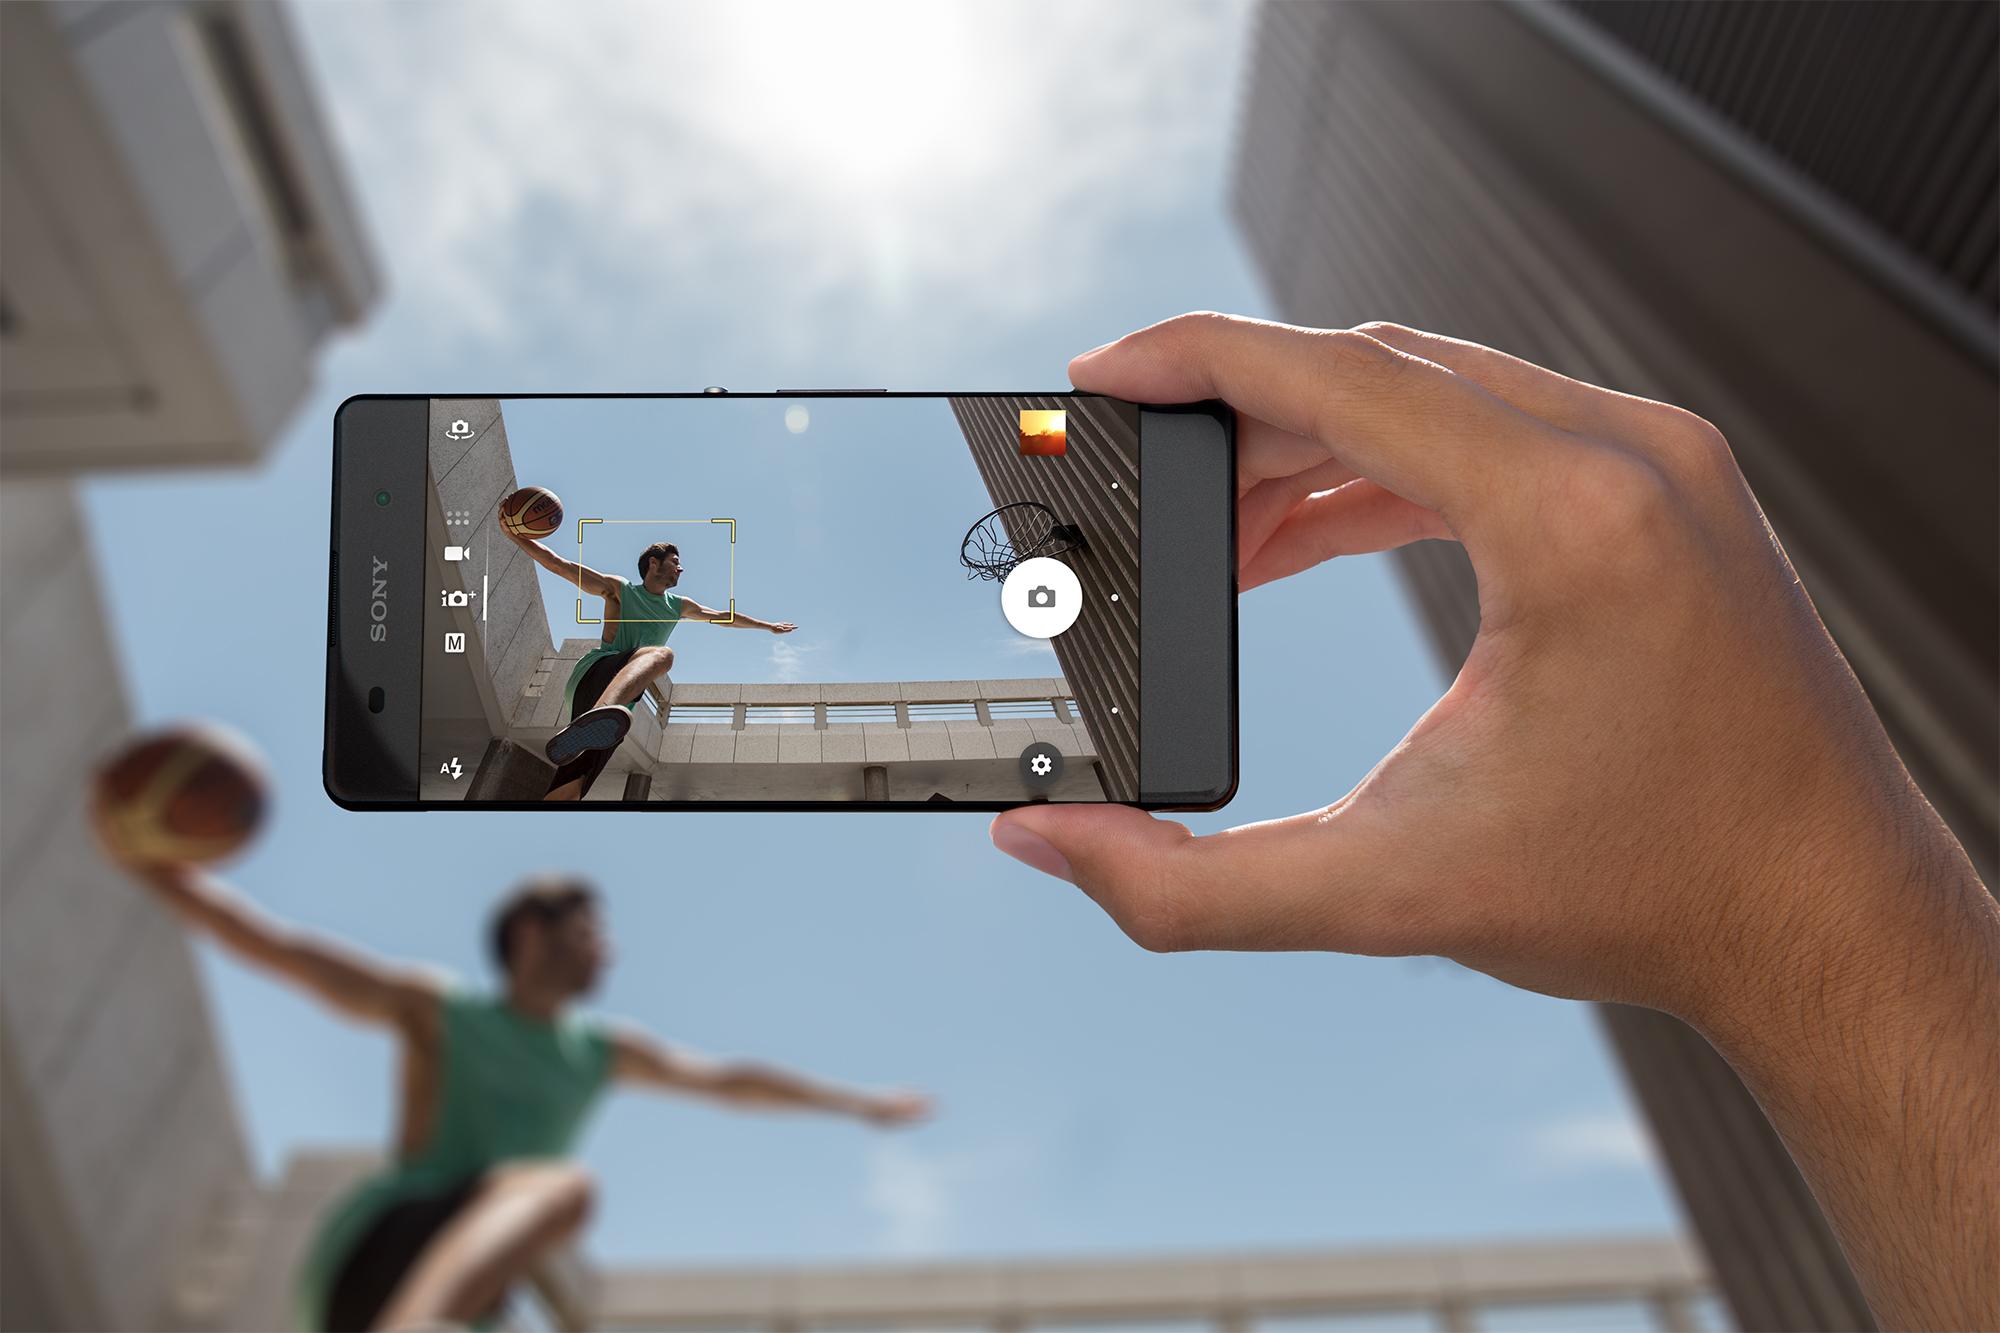 Sony Xperia XA cámara de fotos